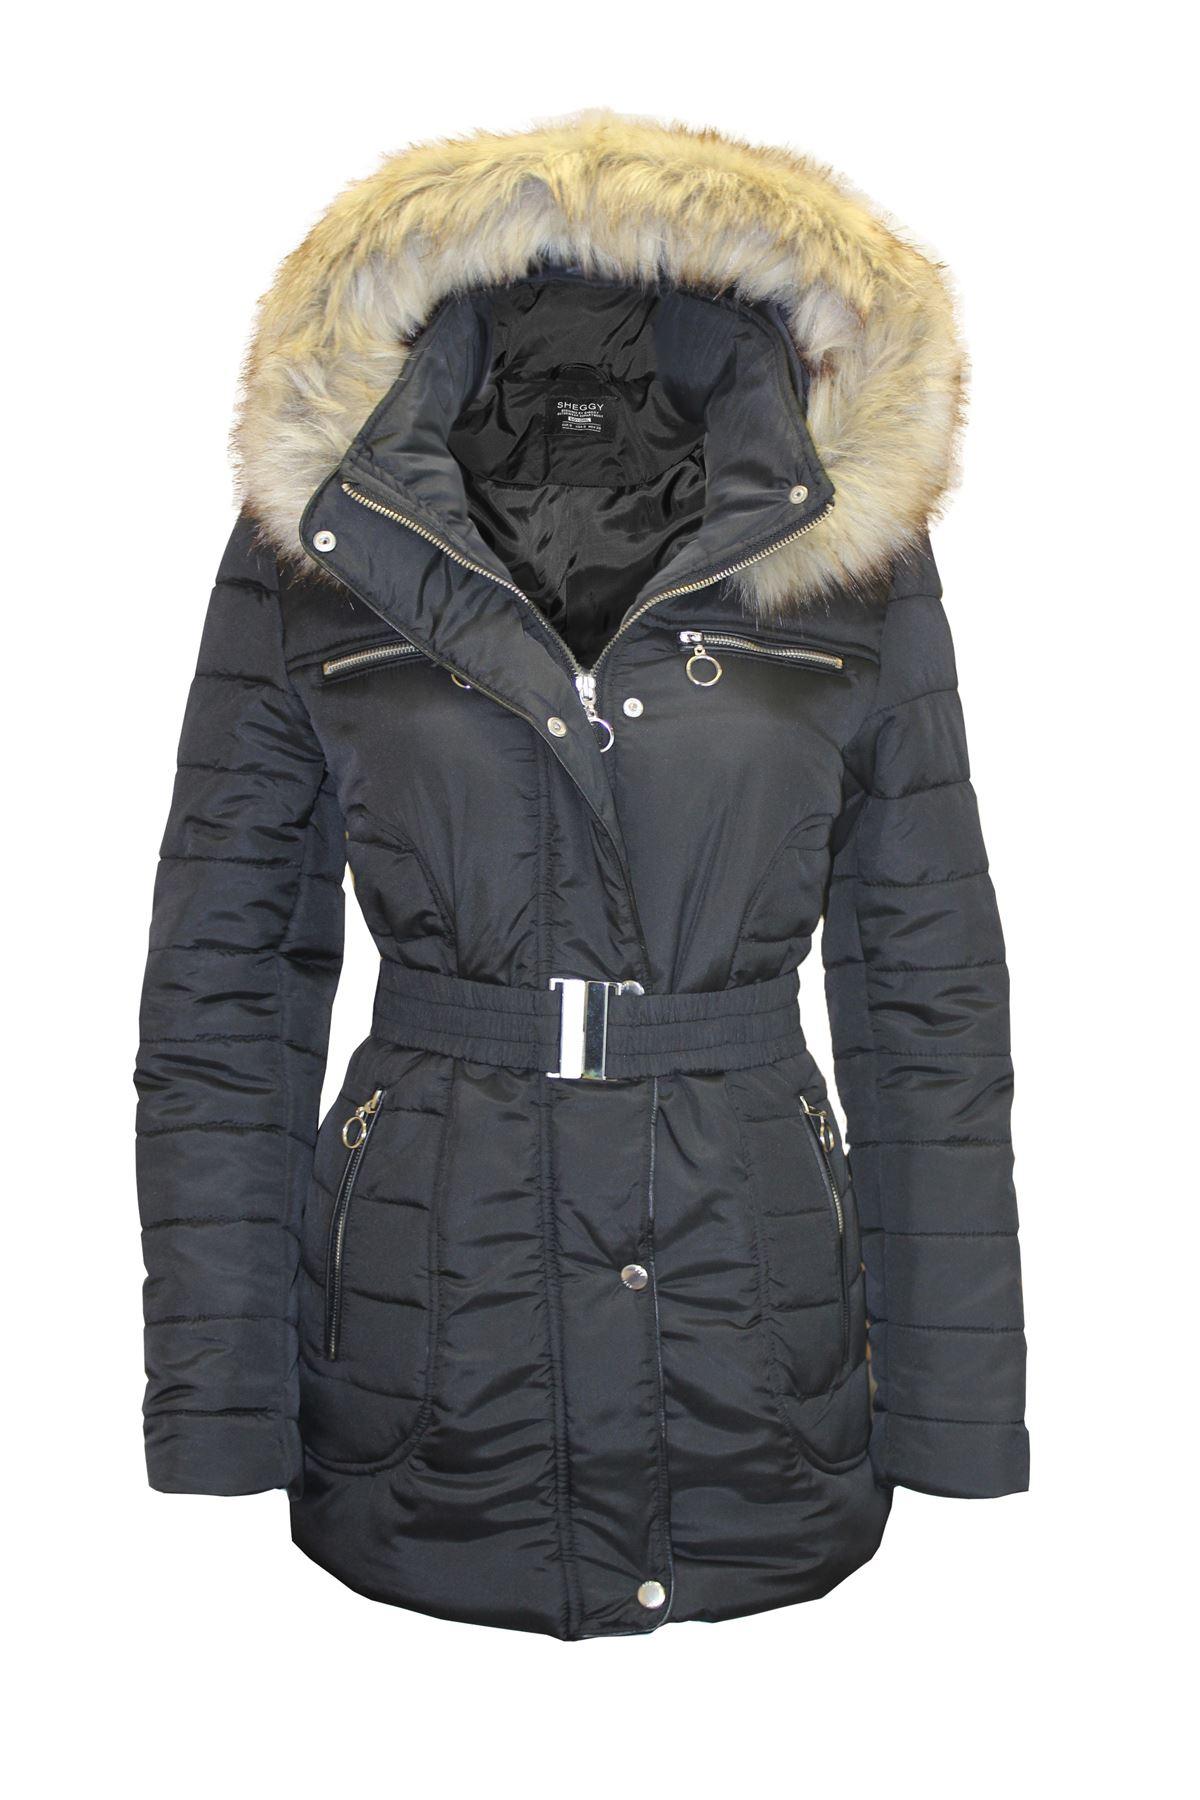 pour femmes à poches poches femme avec capuche fourrure Manteau en à et glissière pour IqO1fUf